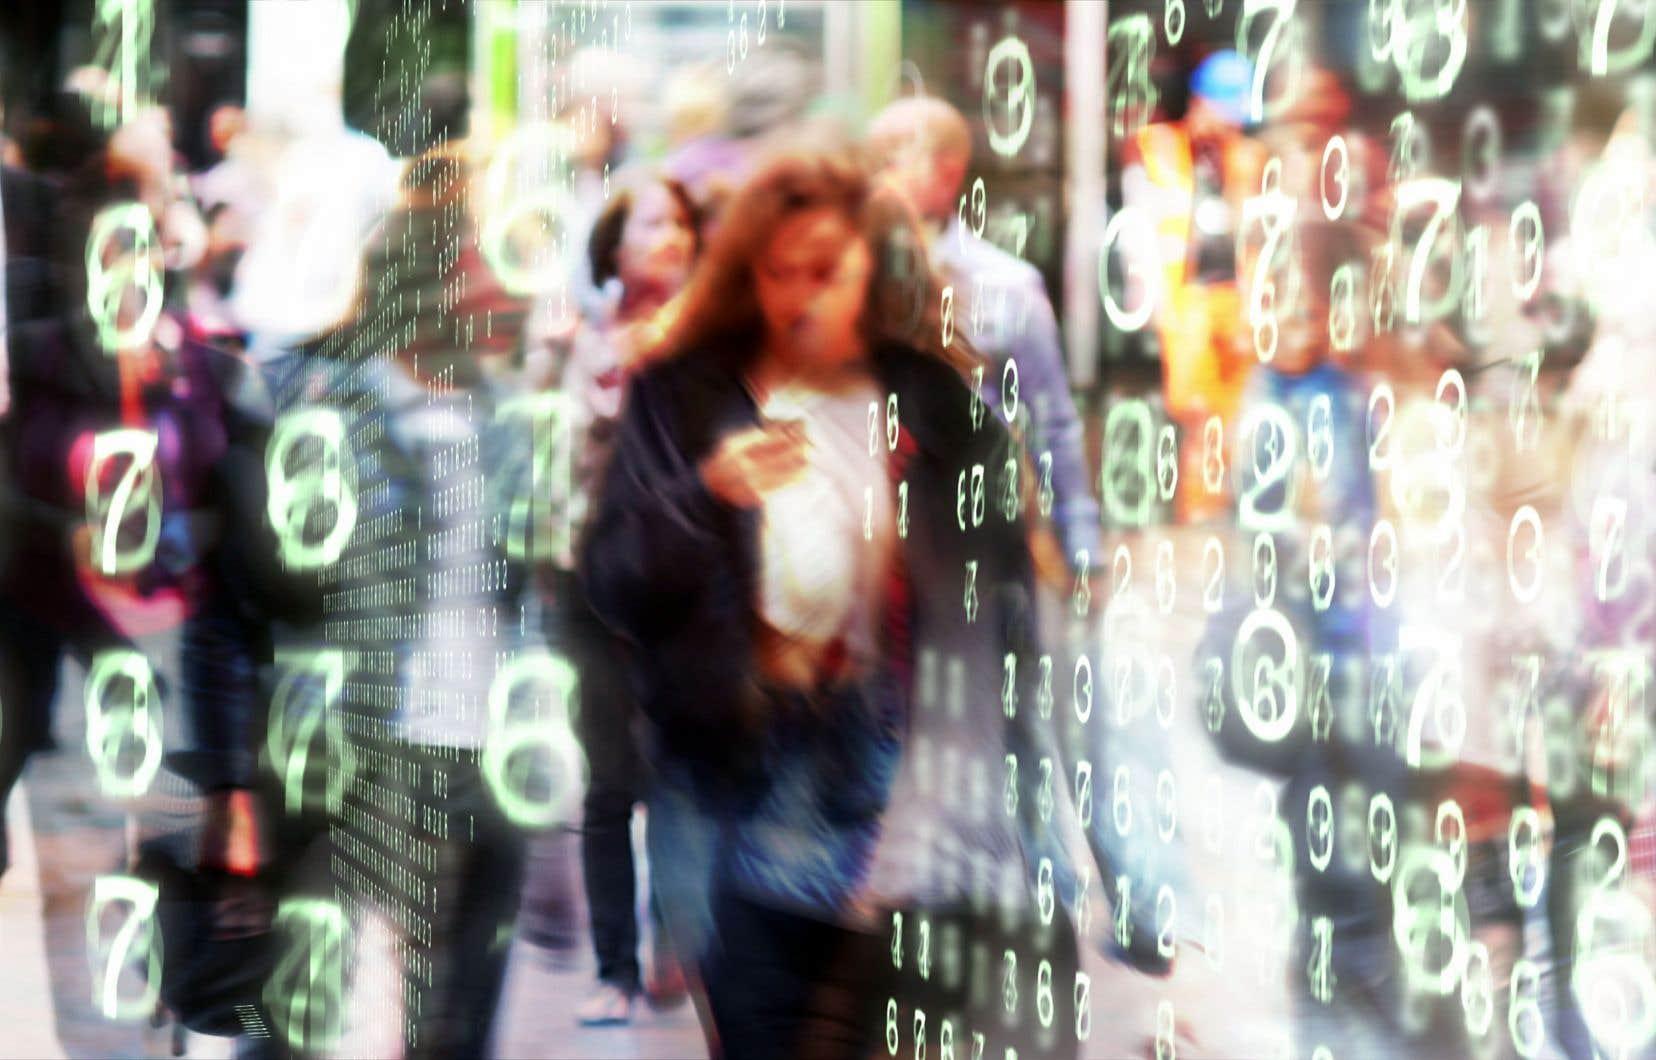 La quantité et la qualité des informations transmises malgré nous dépendent du degré d'intrusion des sites, de ce que nous-mêmes avons laissé comme traces sur le Web, et de ce qu'on y a dit de nous.